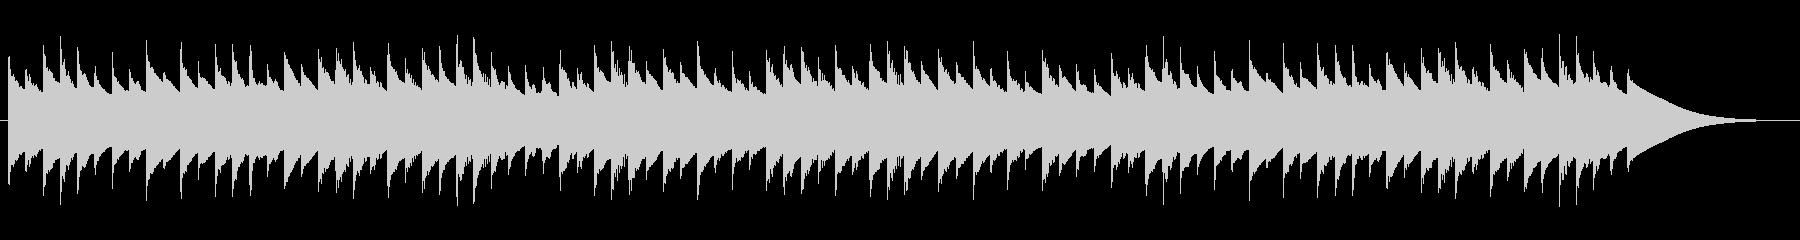 むすんでひらいて オルゴールの未再生の波形